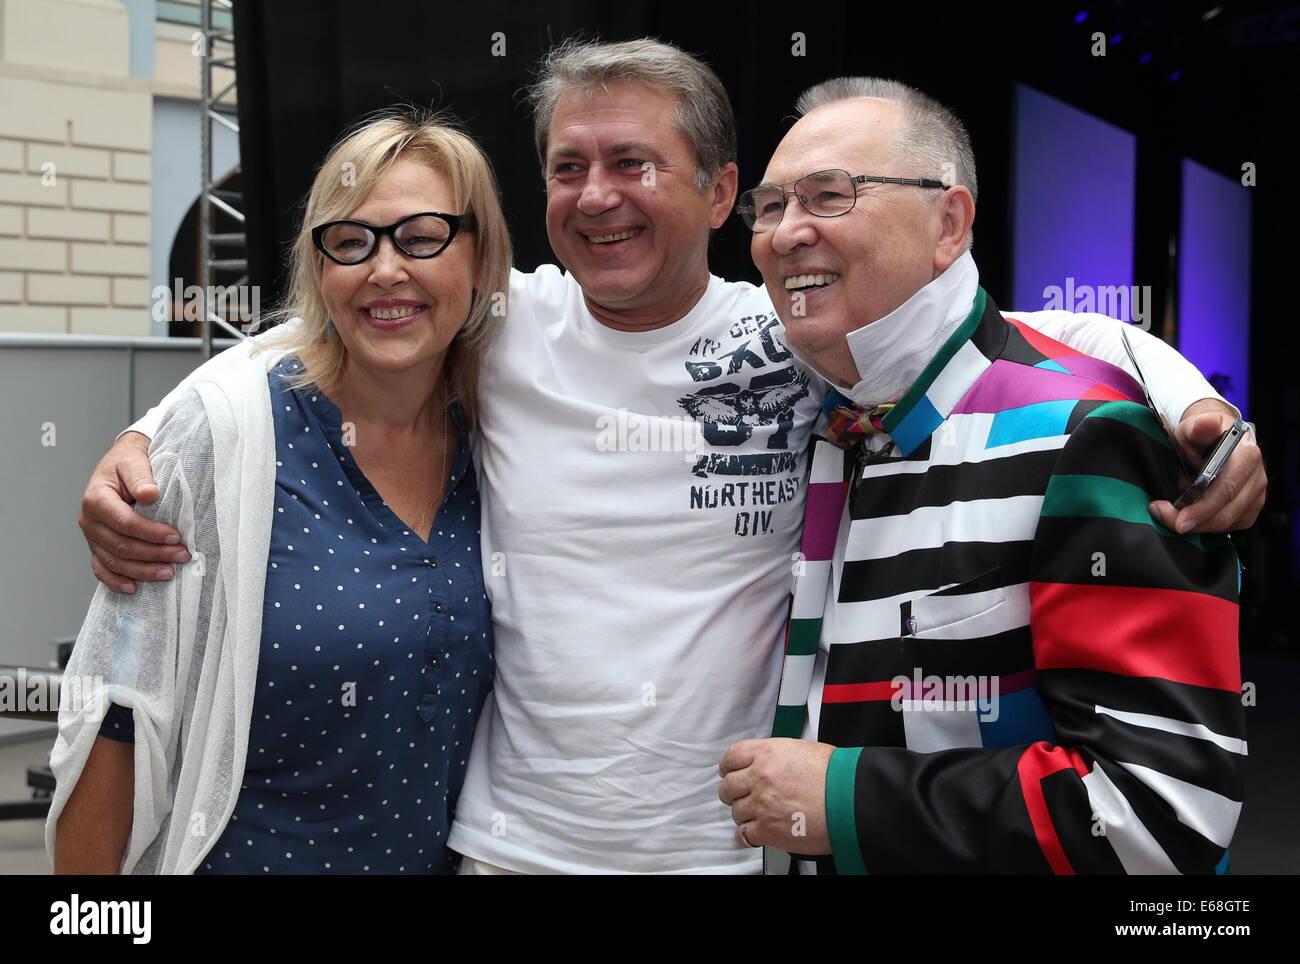 Moskau, Russland. 18. August 2014. Schauspieler Natalya Khorokhorina, Ivan Shabaltas und Modedesignerin Vyacheslav Stockfoto